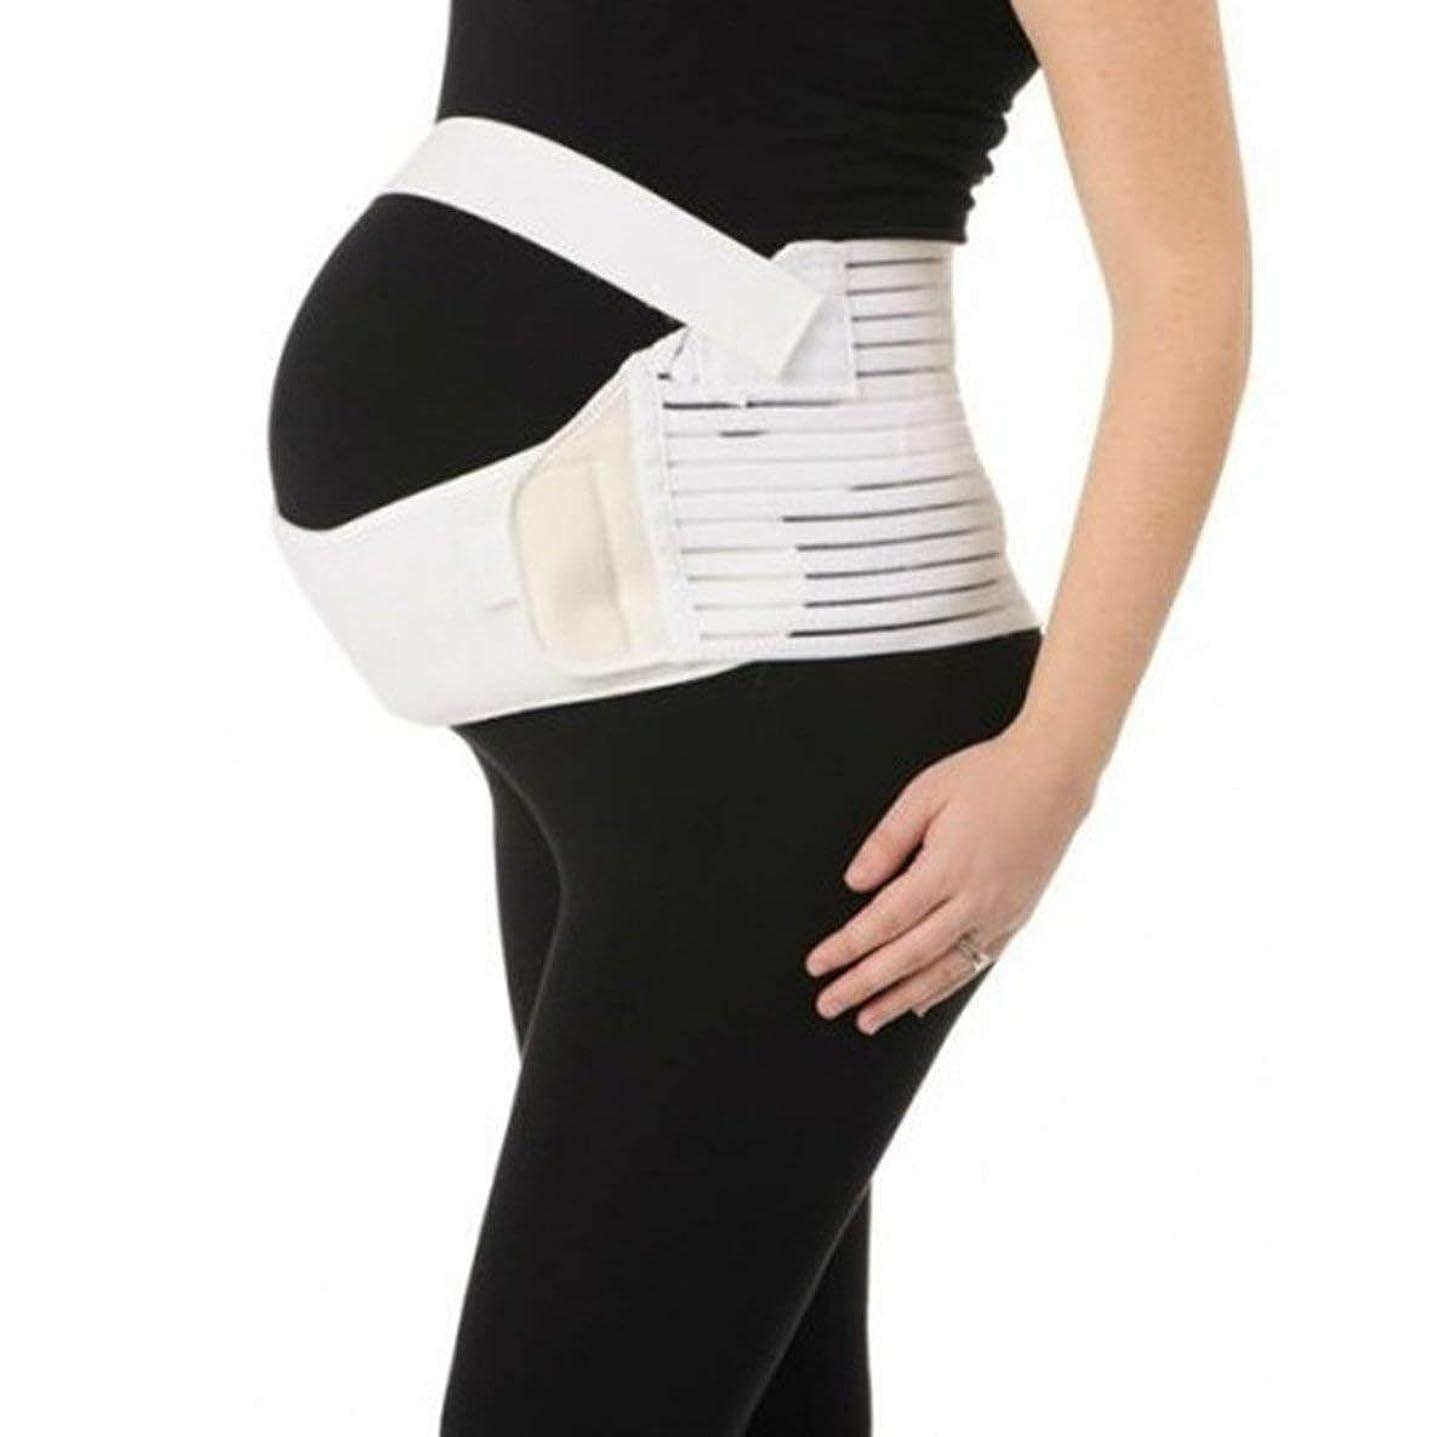 野球領事館すでに通気性マタニティベルト妊娠腹部サポート腹部バインダーガードル運動包帯産後の回復shapewear - ホワイトL